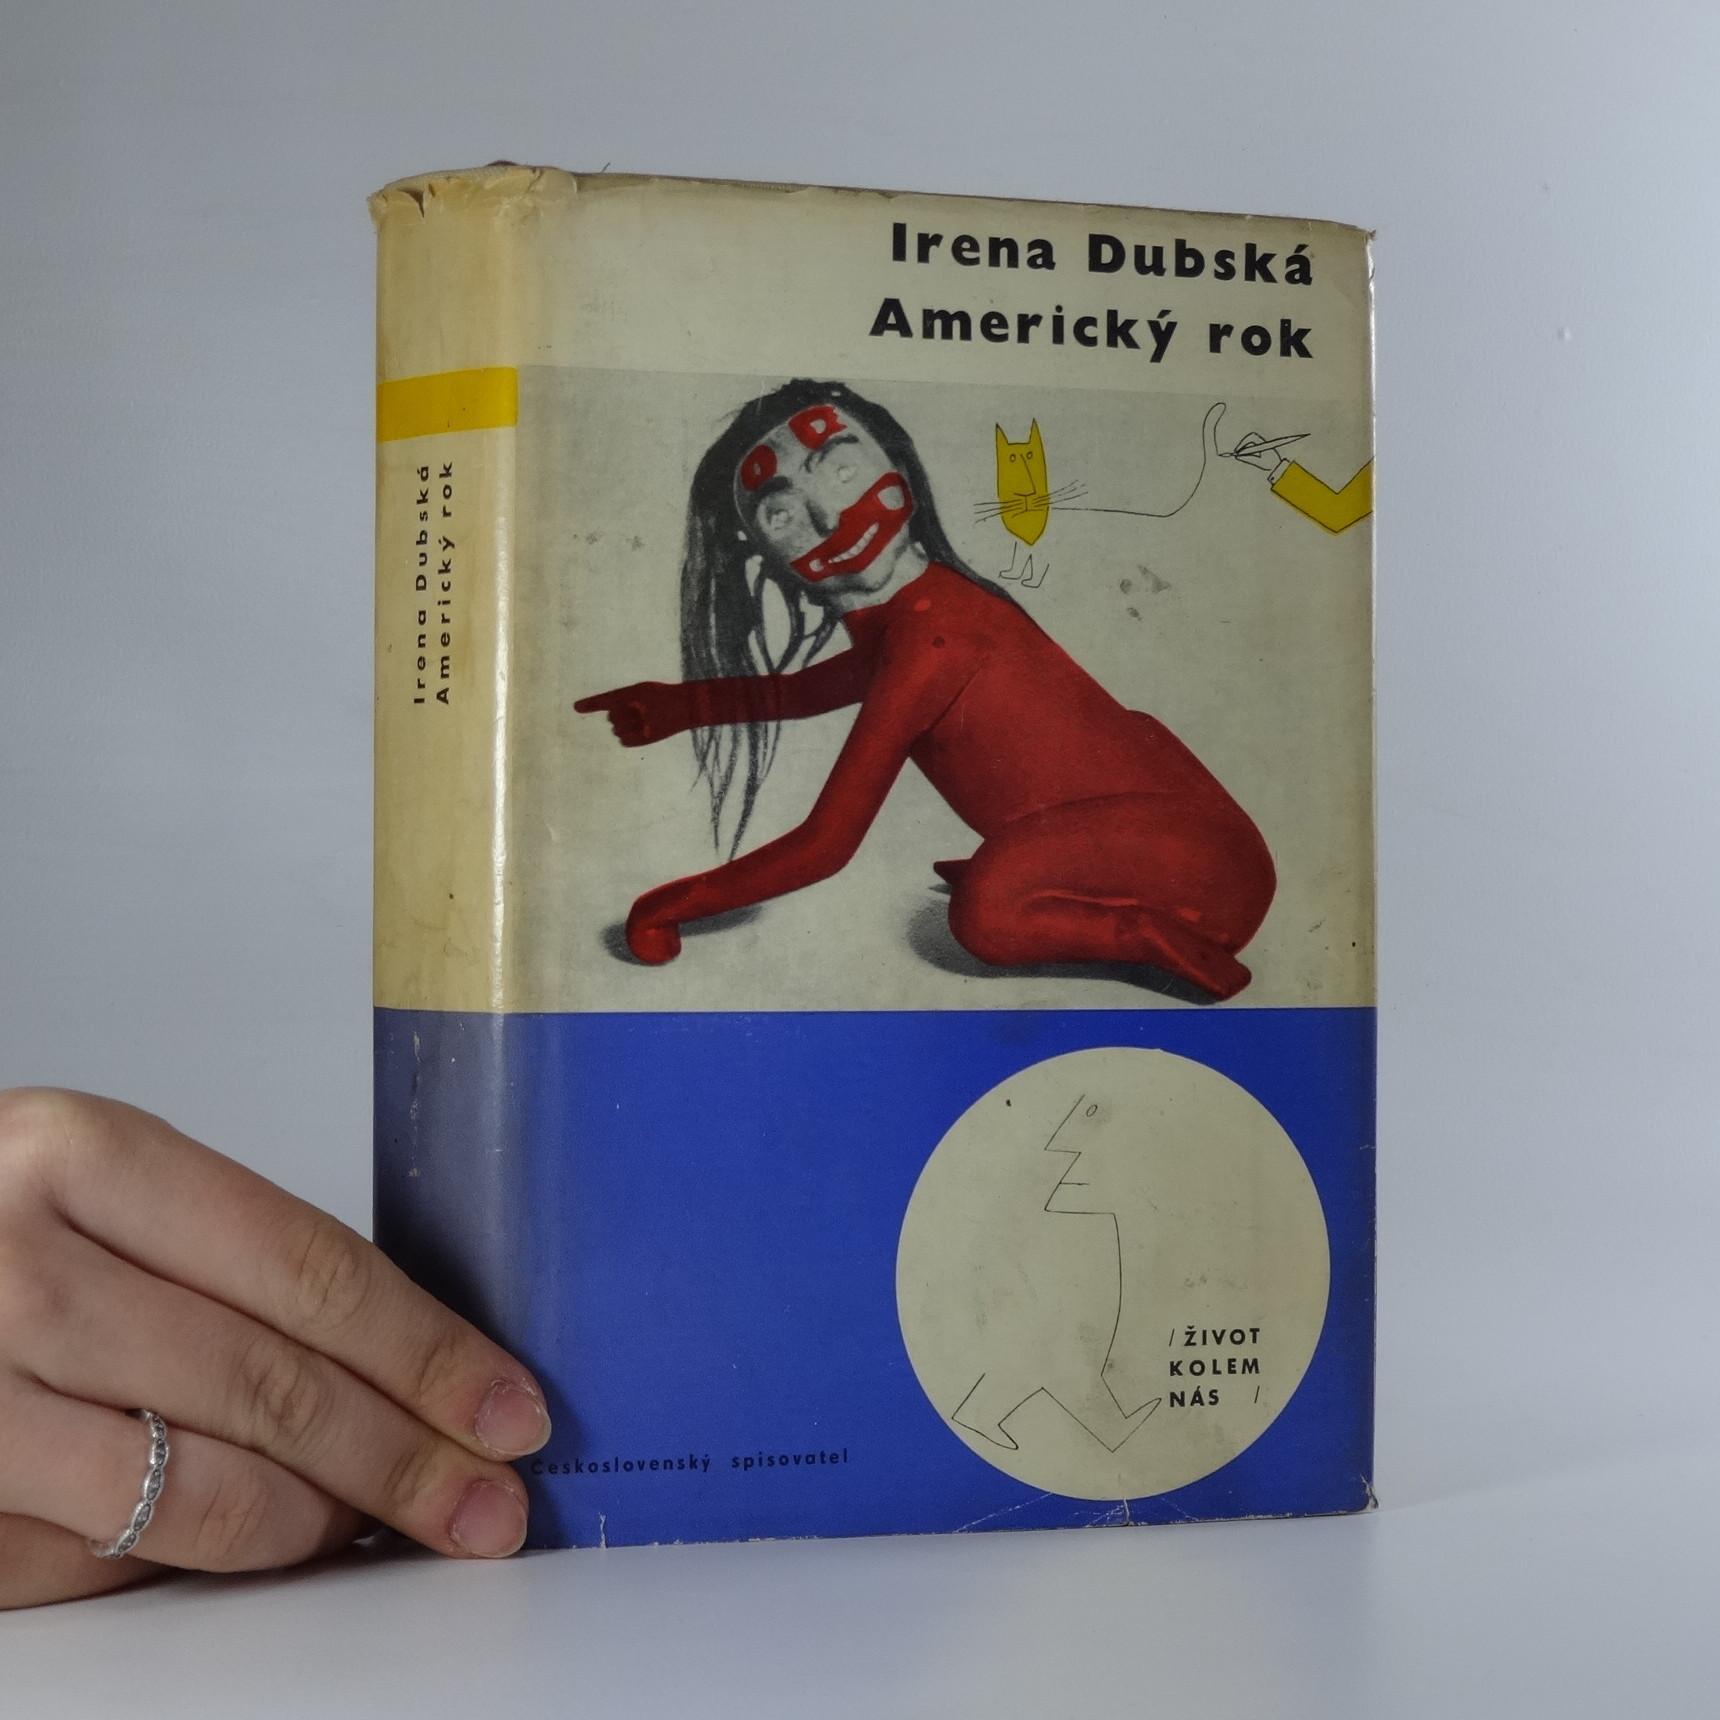 antikvární kniha Americký rok, 1966